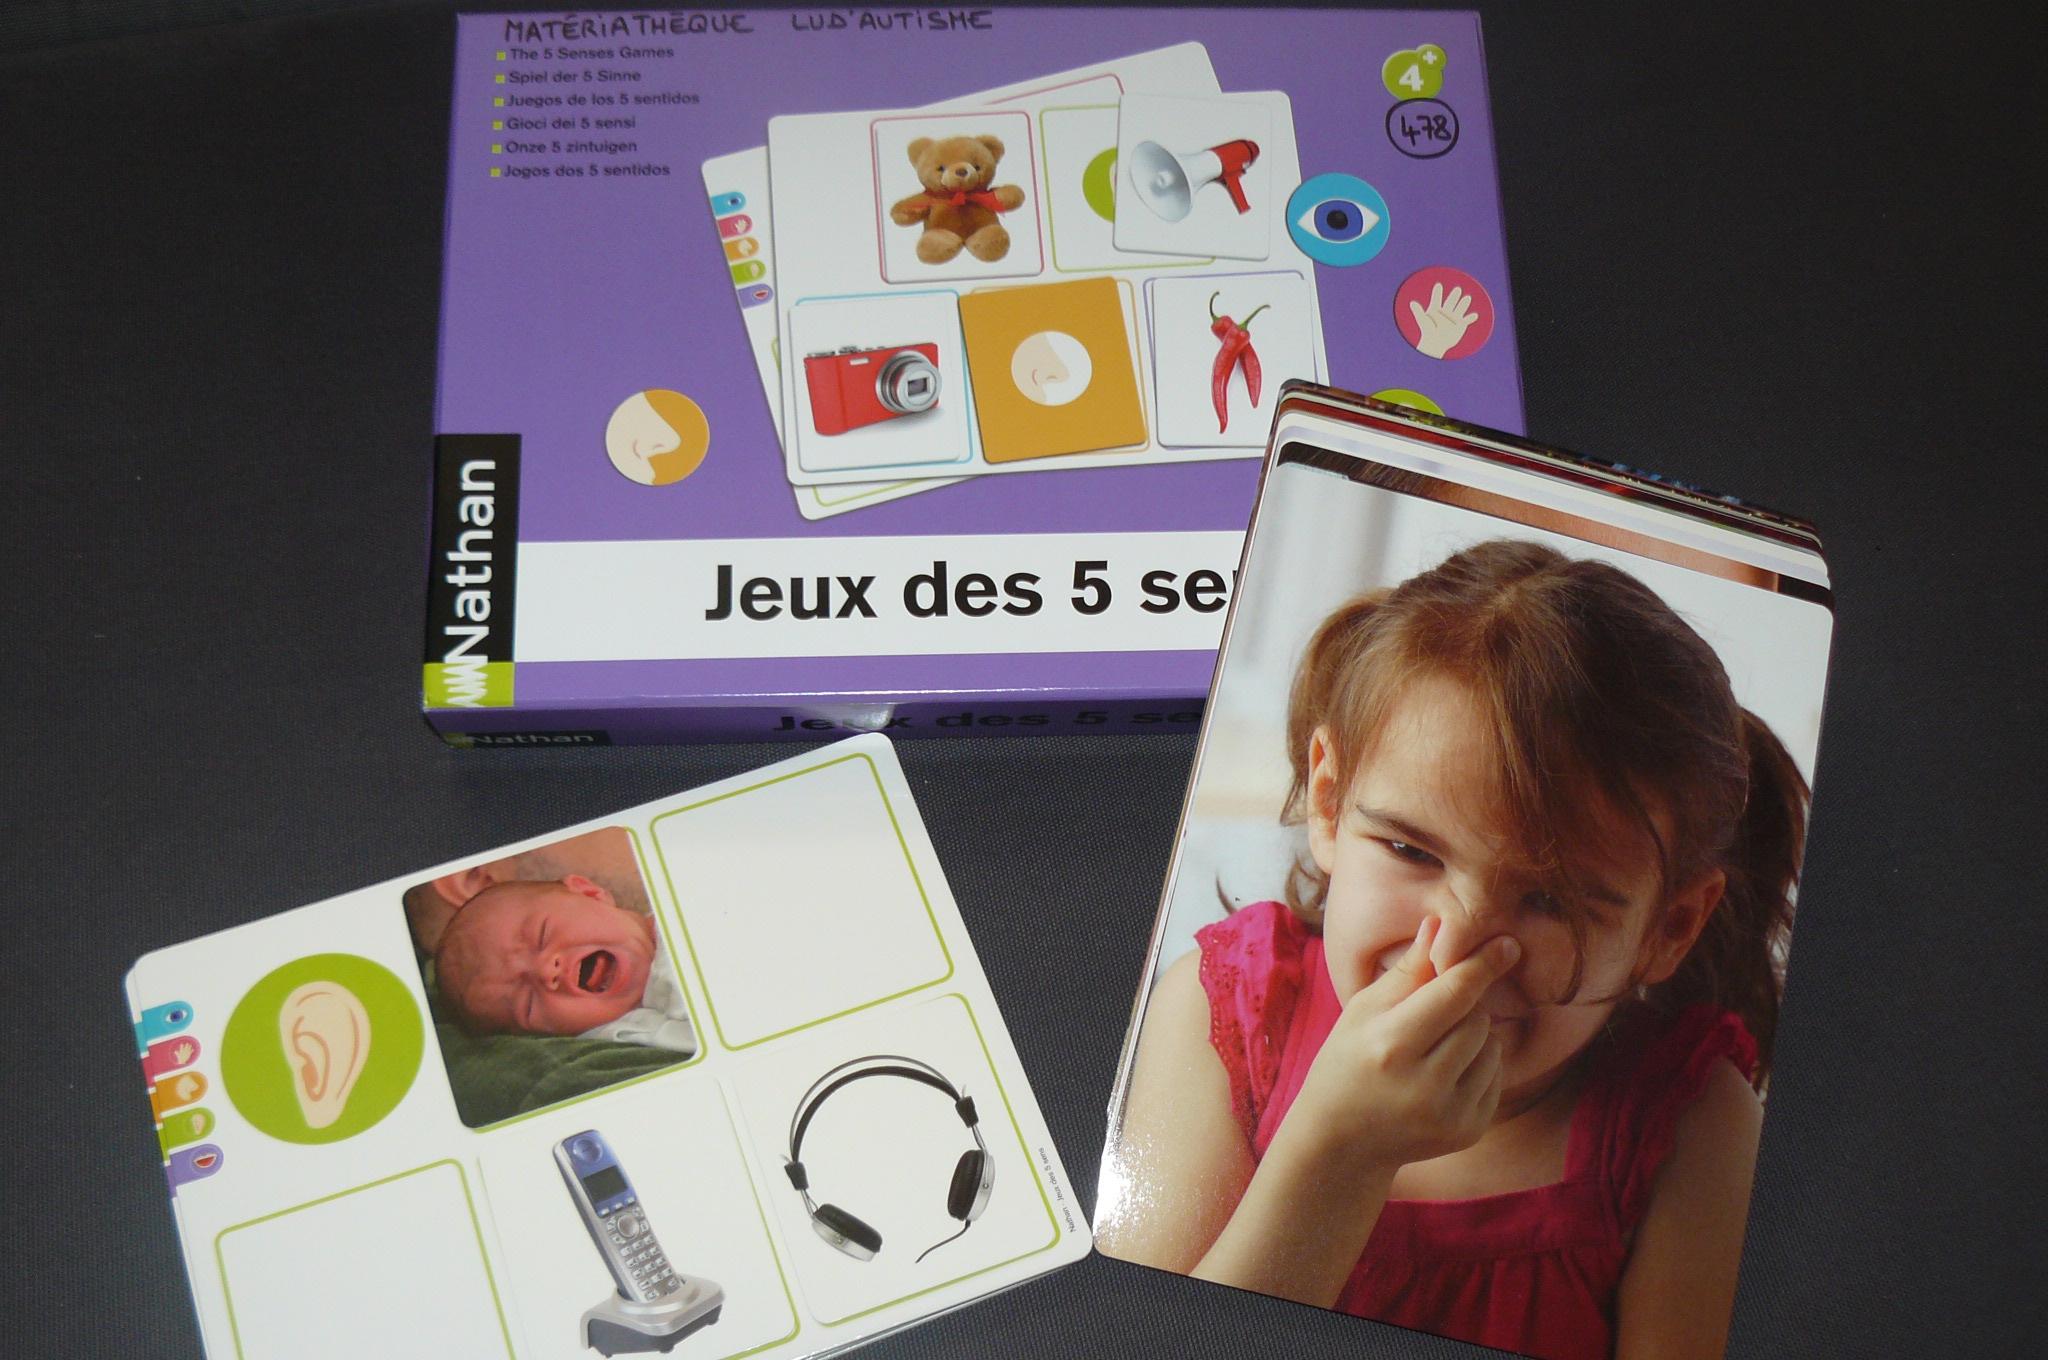 Jeux Des 5 Sens (N°478) | Lud'autisme pour Jeu Des Cinq Sens